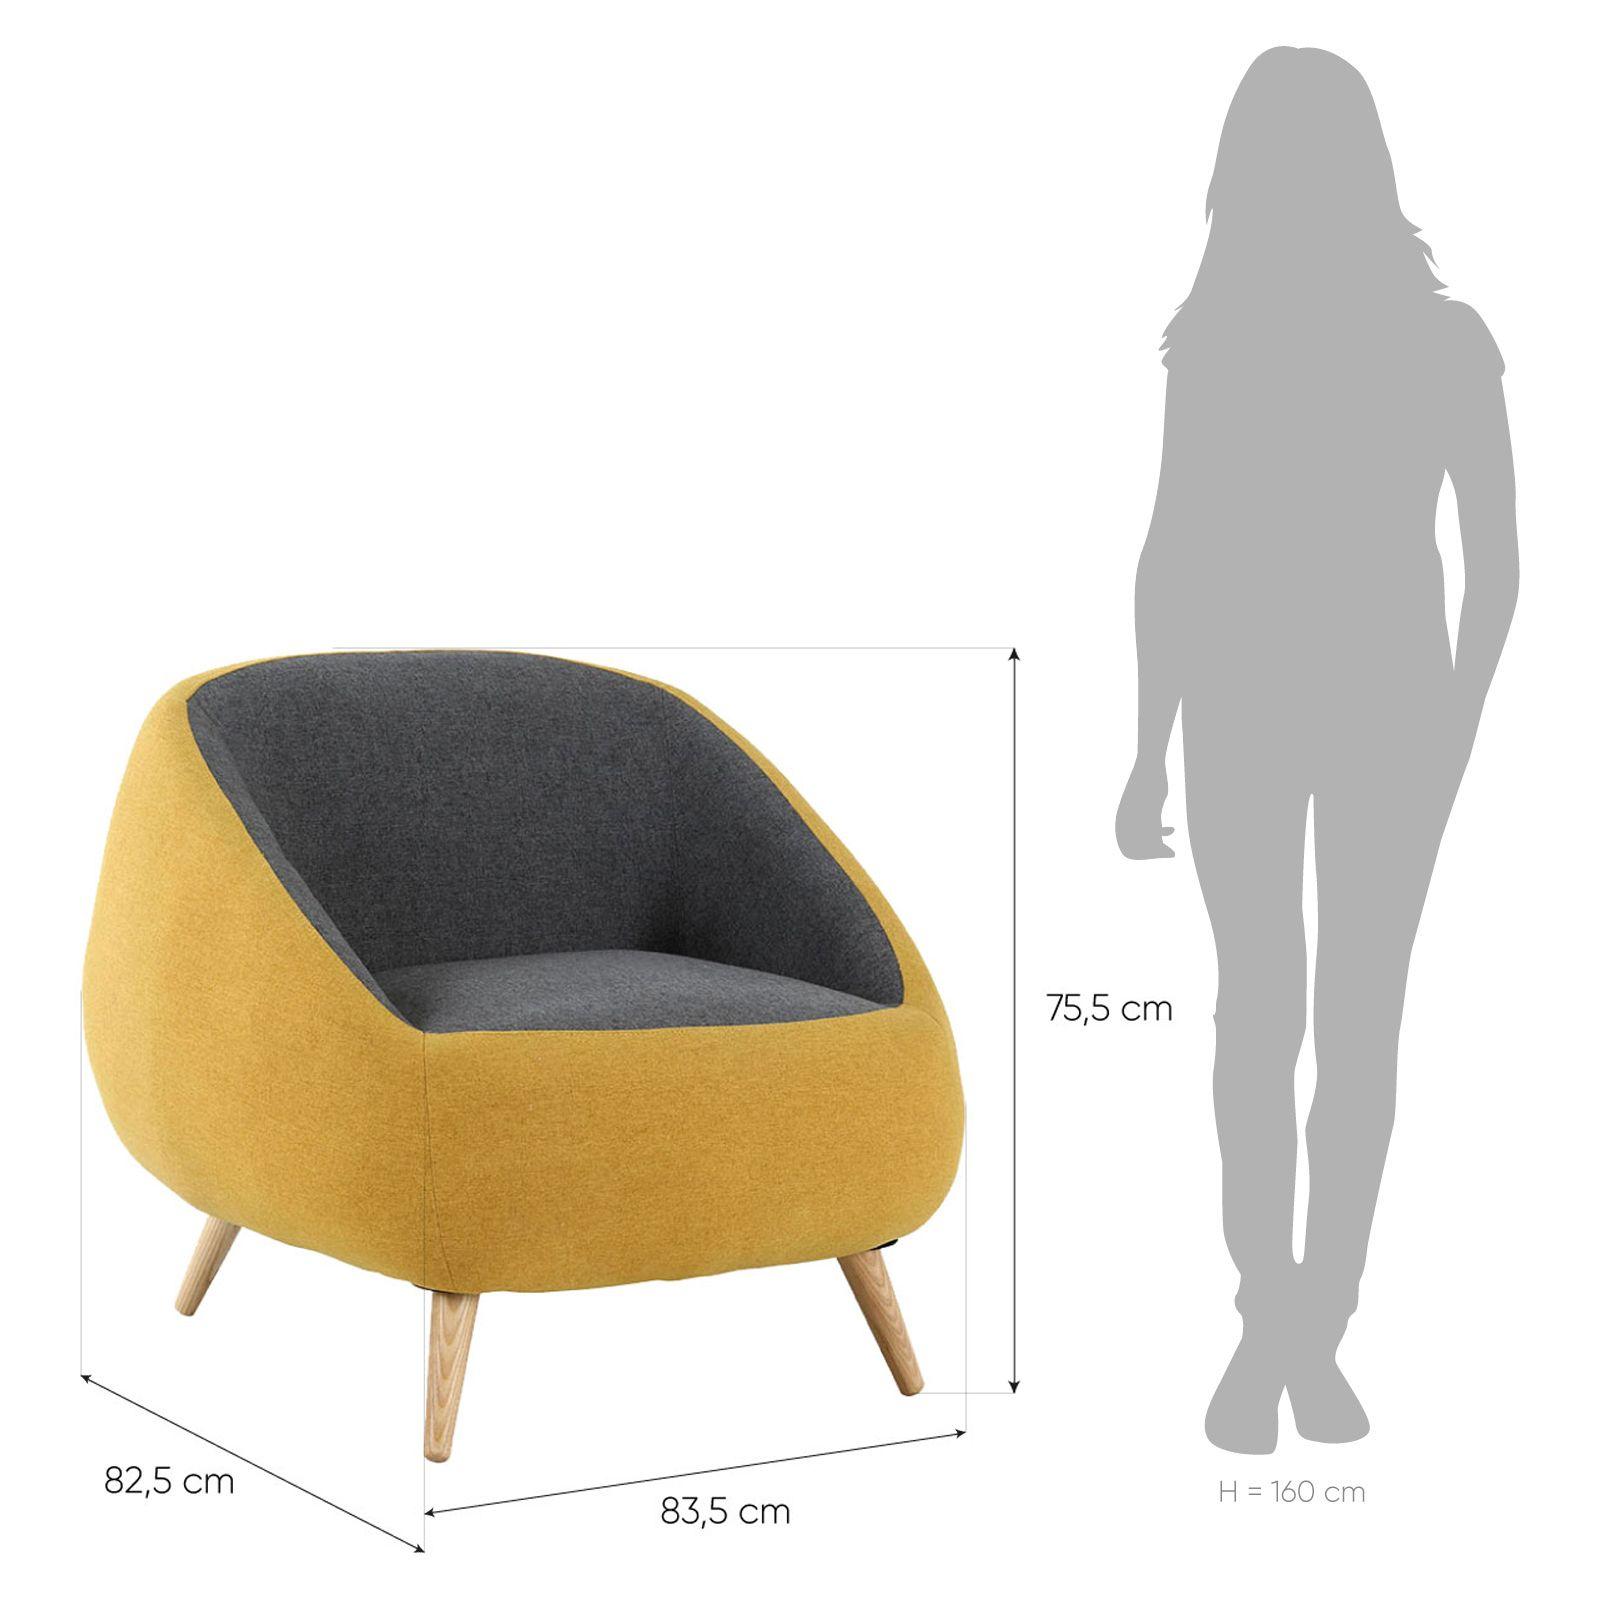 MARPE   Sillón con brazos tapizado bicolor mostaza/gris (83,5 x 82,5 x 75,5 cm)